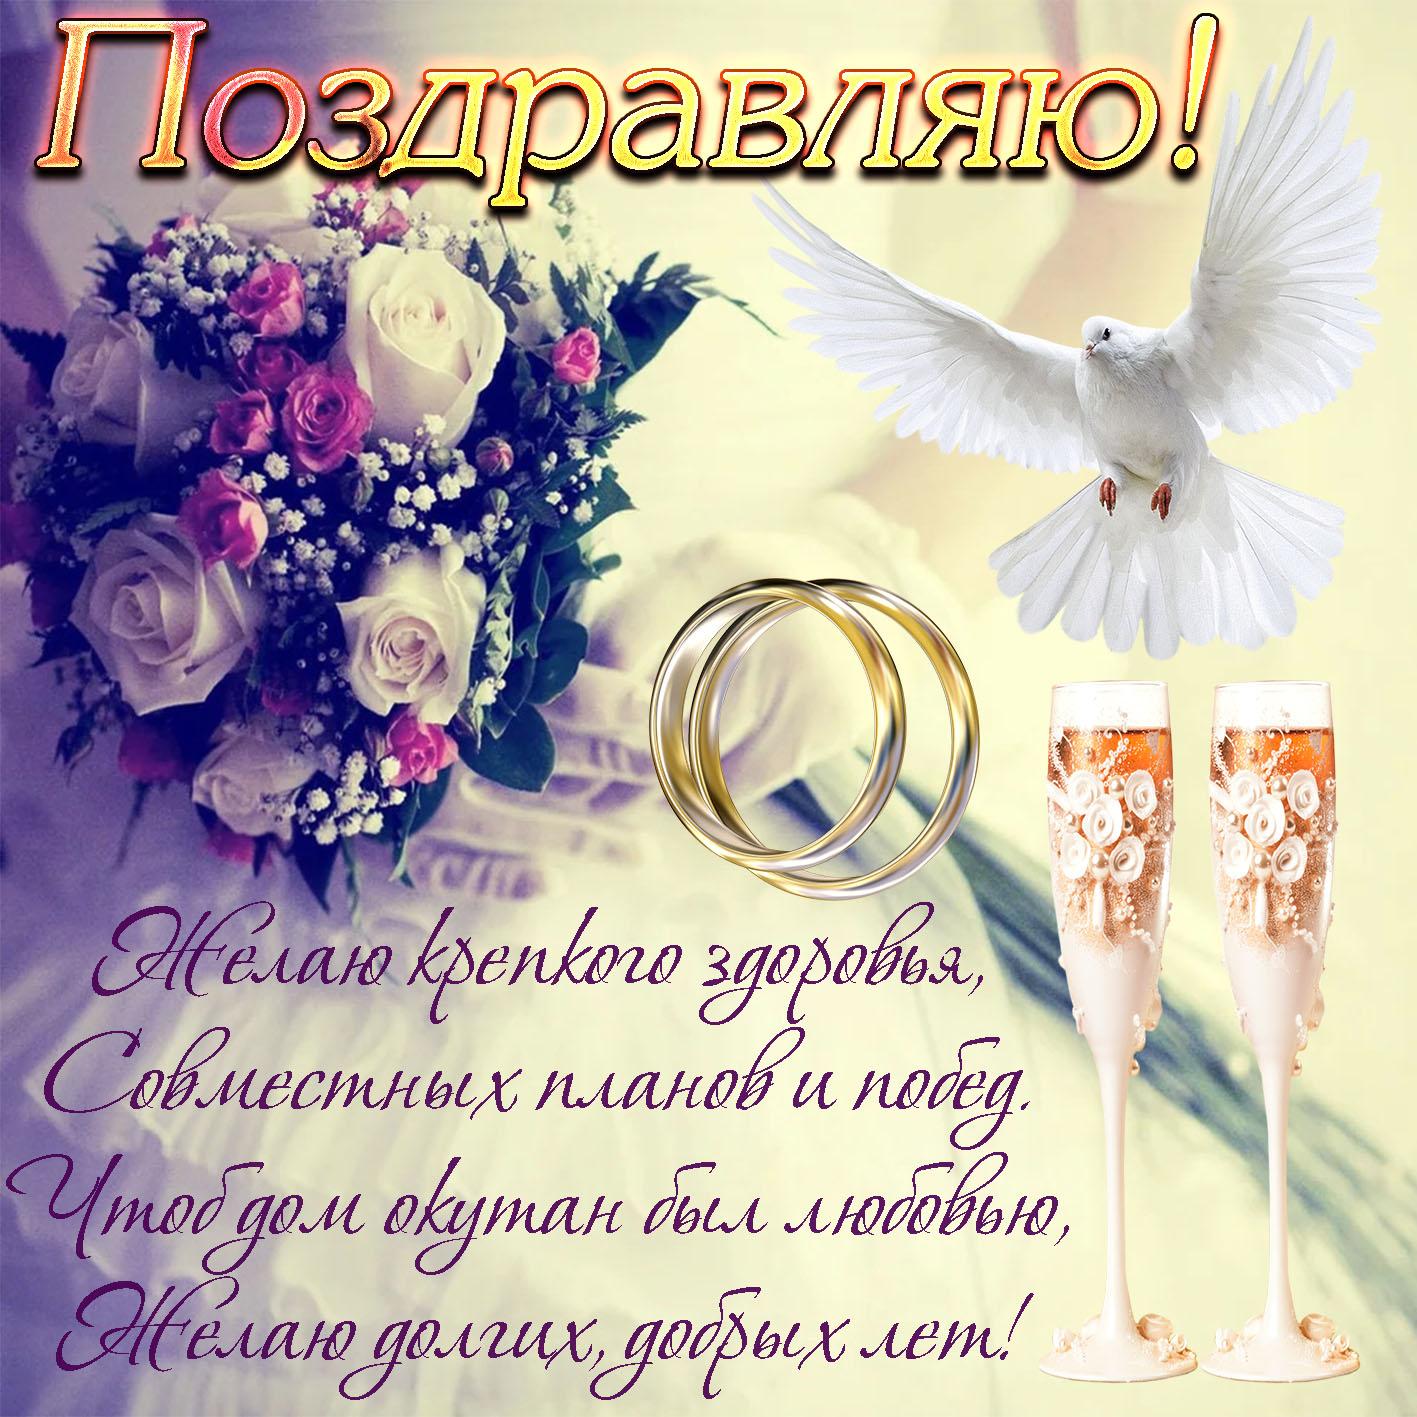 Поздравление с десятилетием свадьбы картинки со стихами